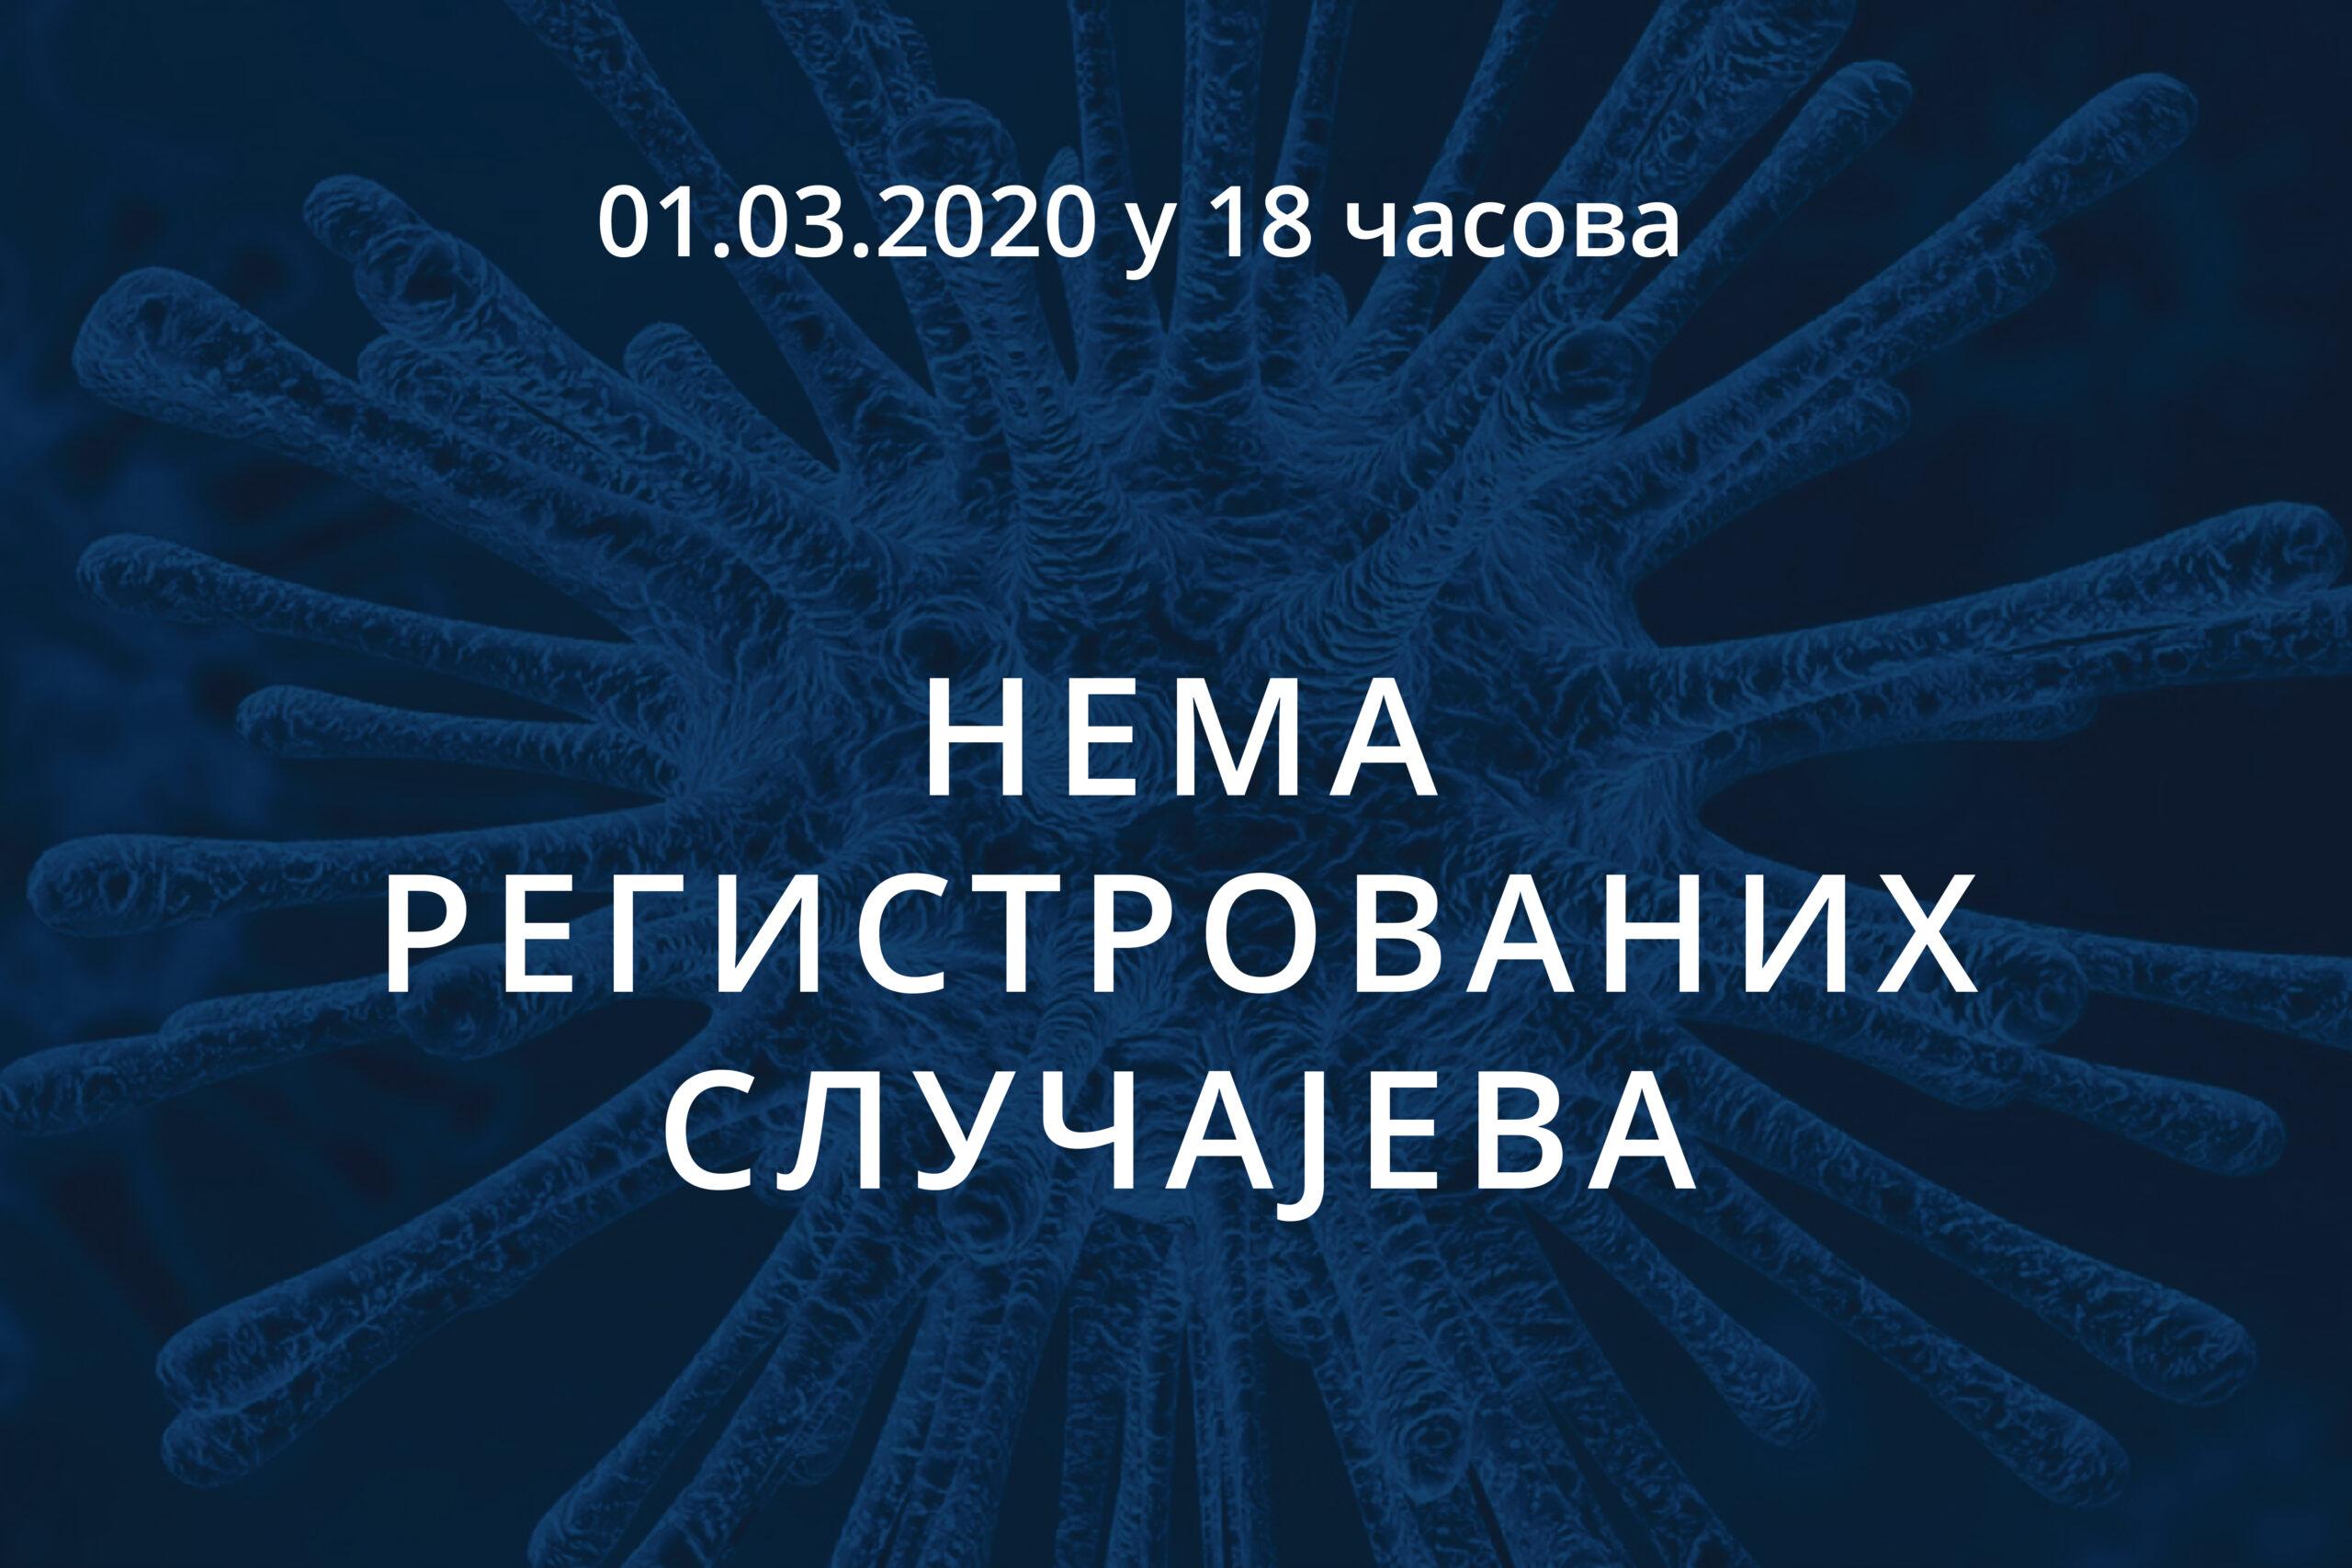 Информације о корона вирусу COVID-19, 01.03.2020 у 18 часова